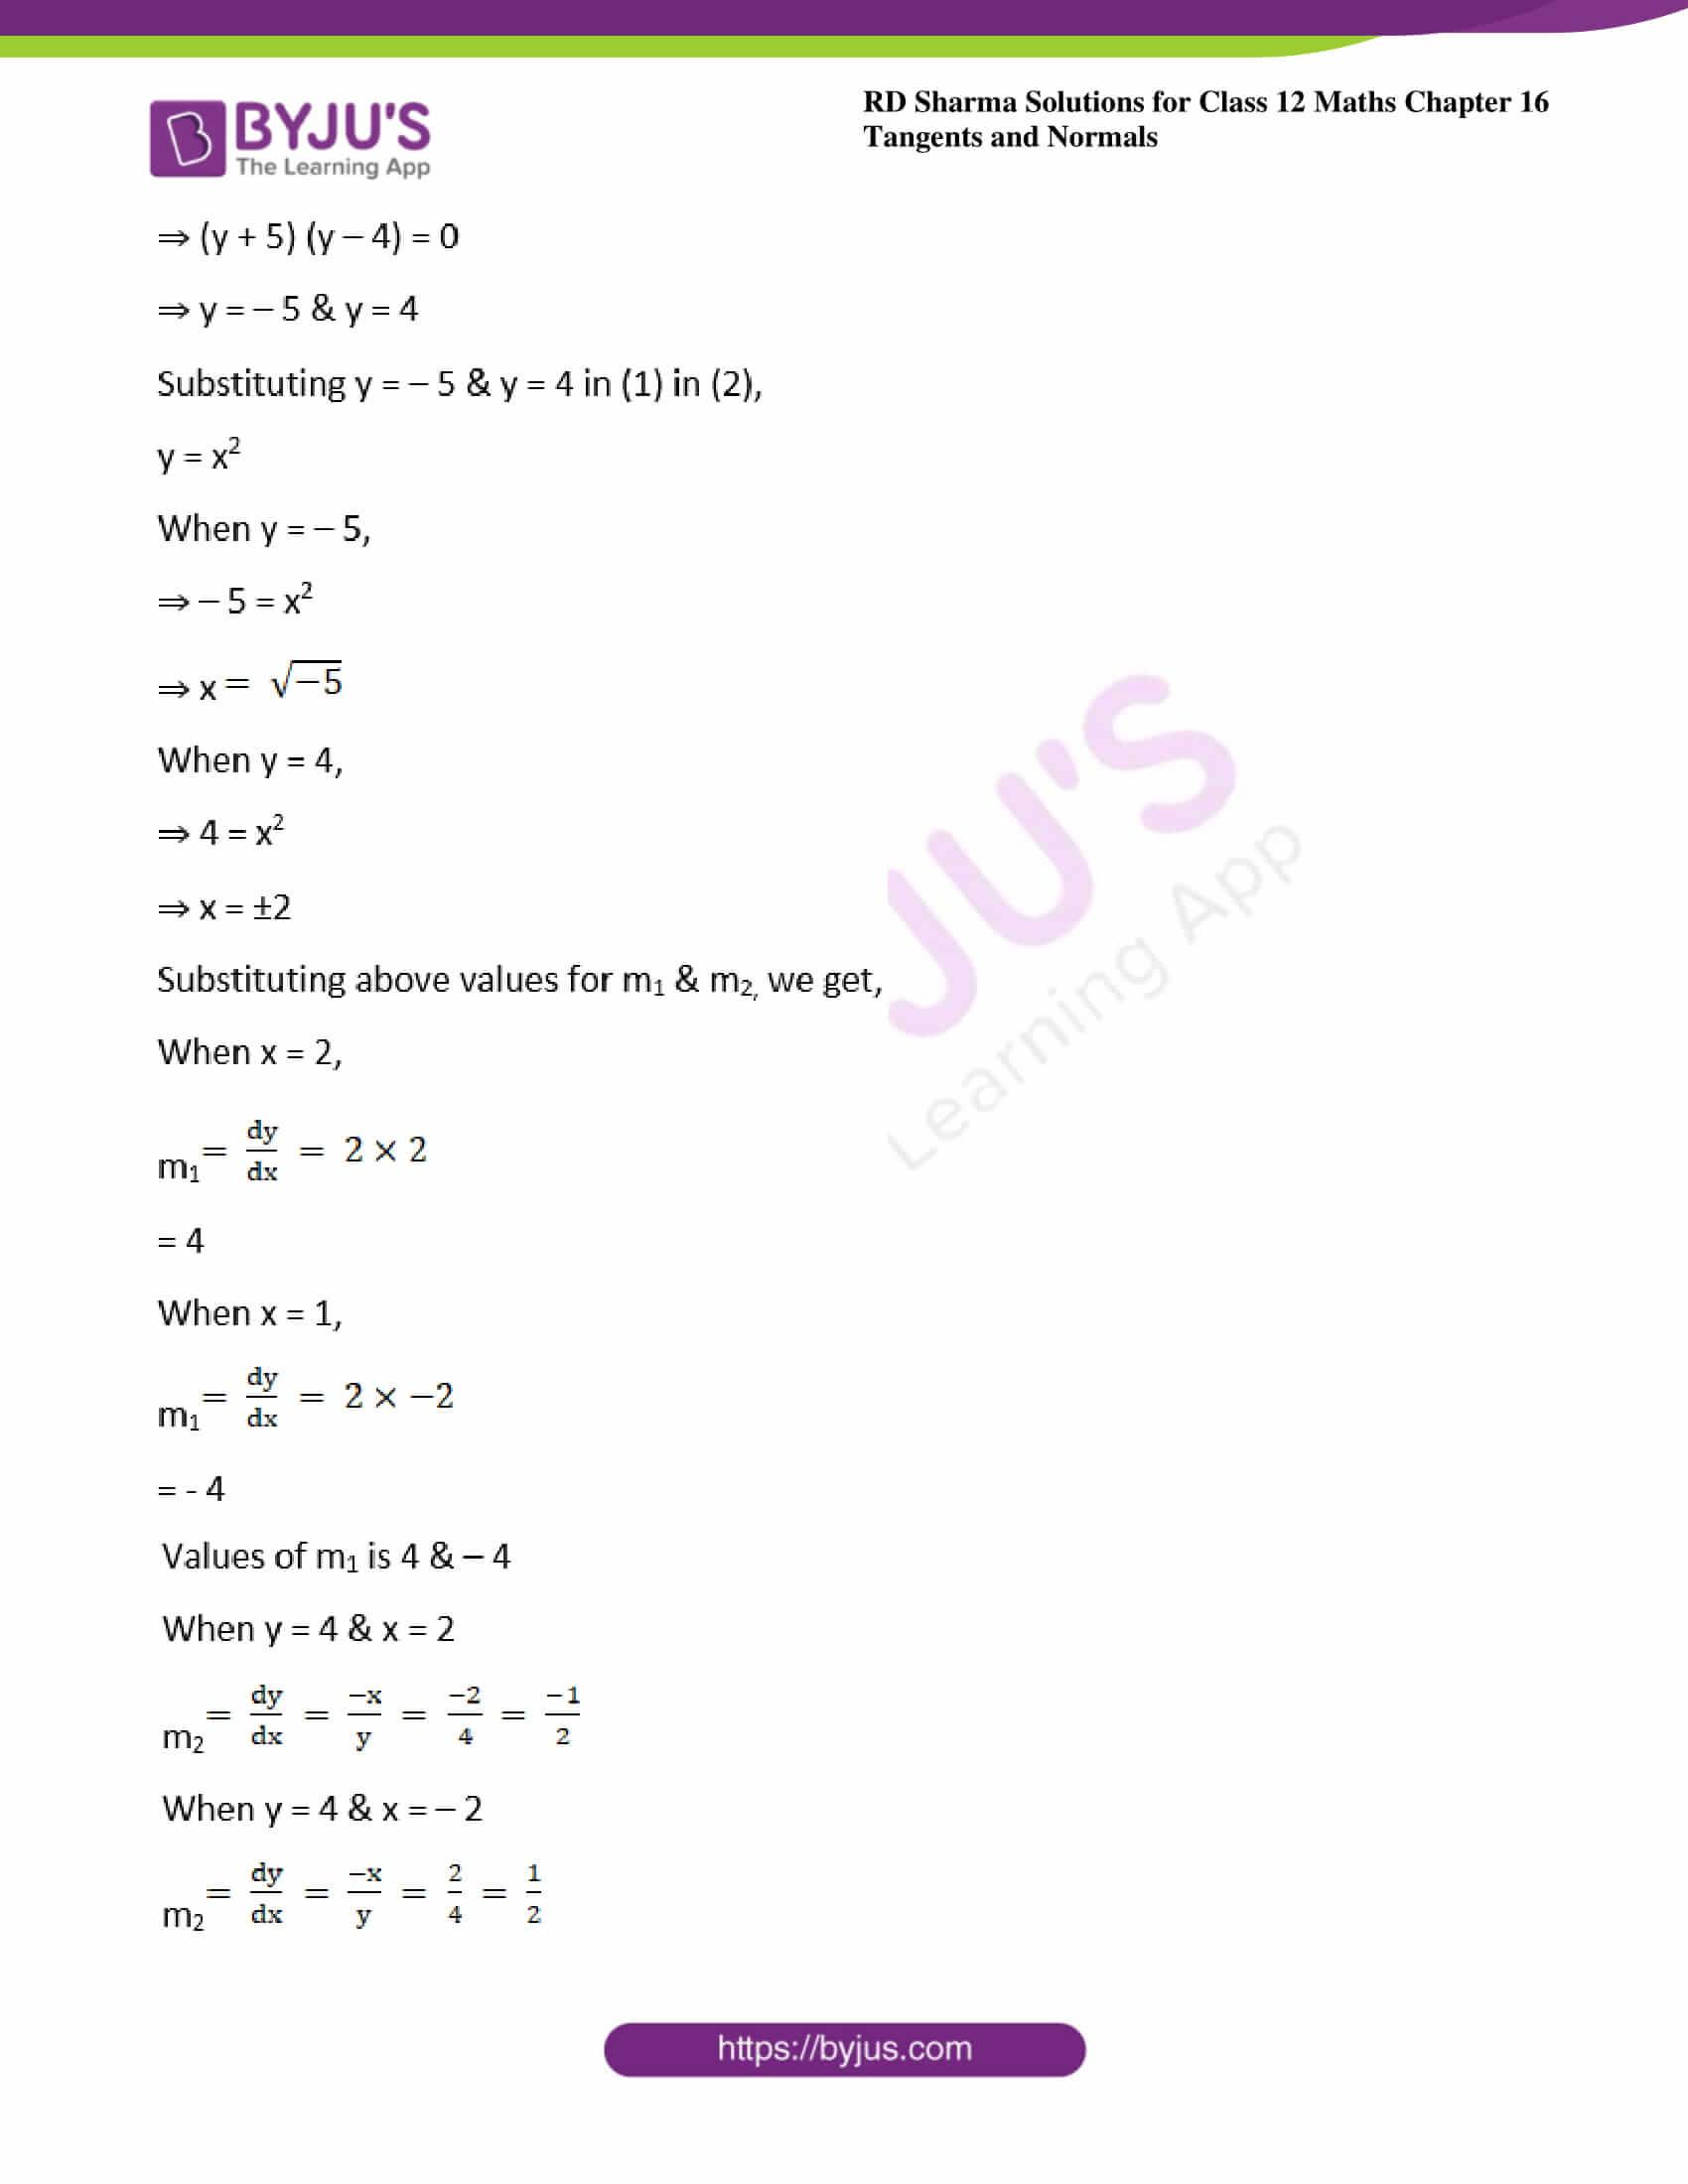 rd sharma class 12 maths solutions chapter 16 ex 3 04